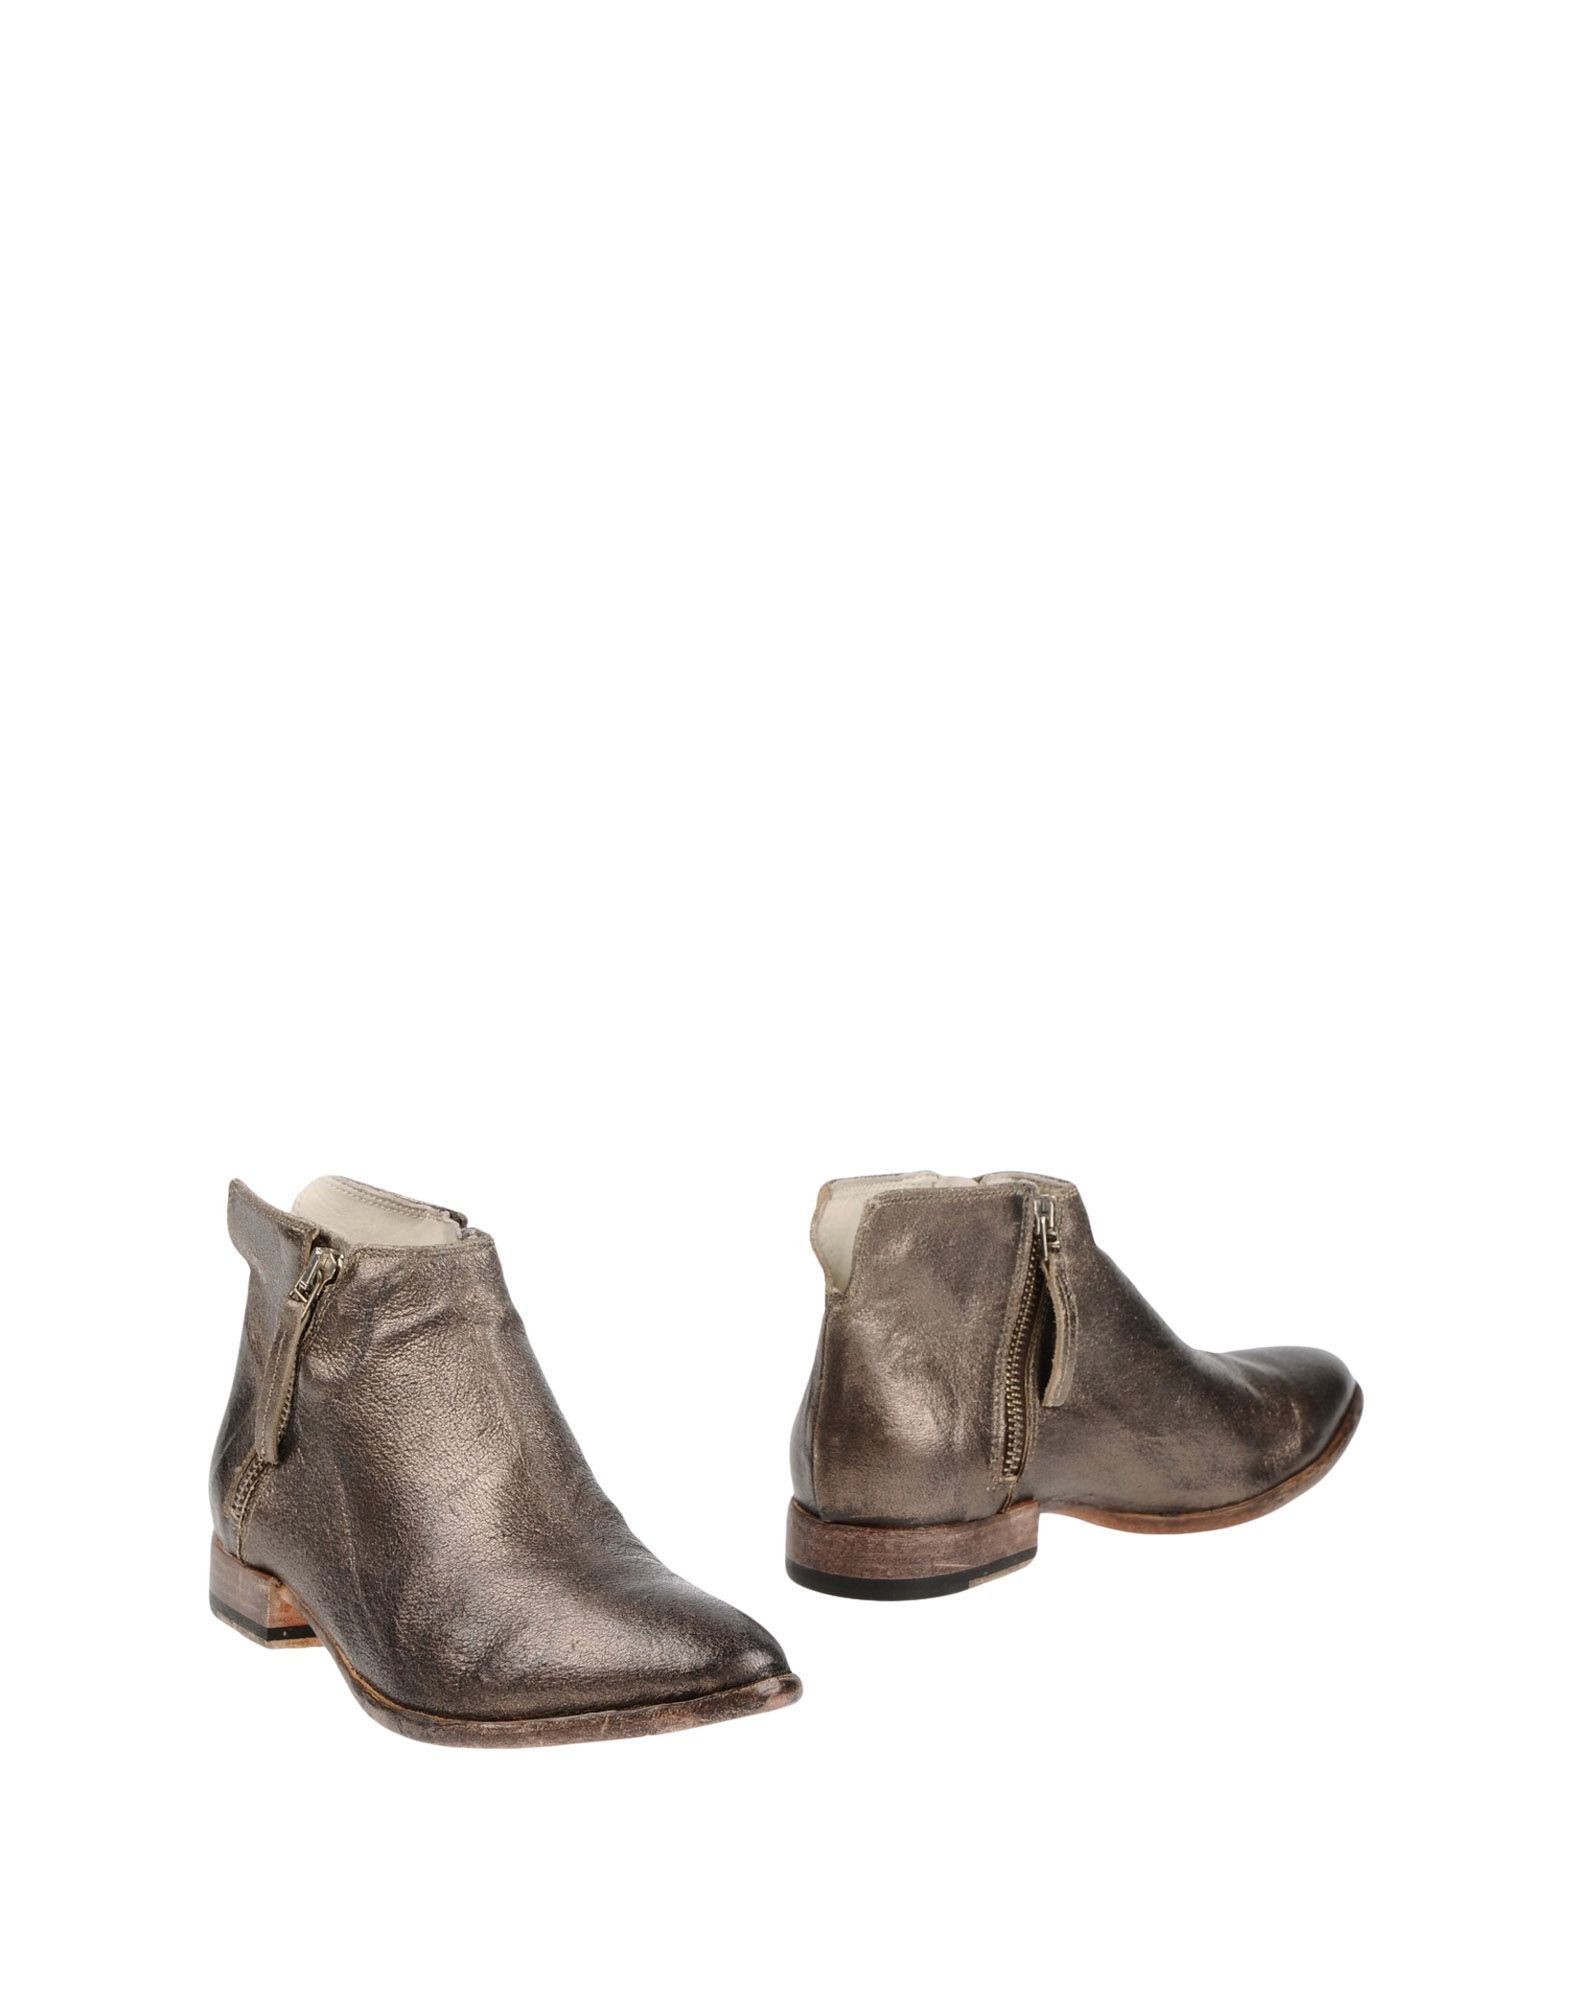 keep высокие кеды KEEP Полусапоги и высокие ботинки